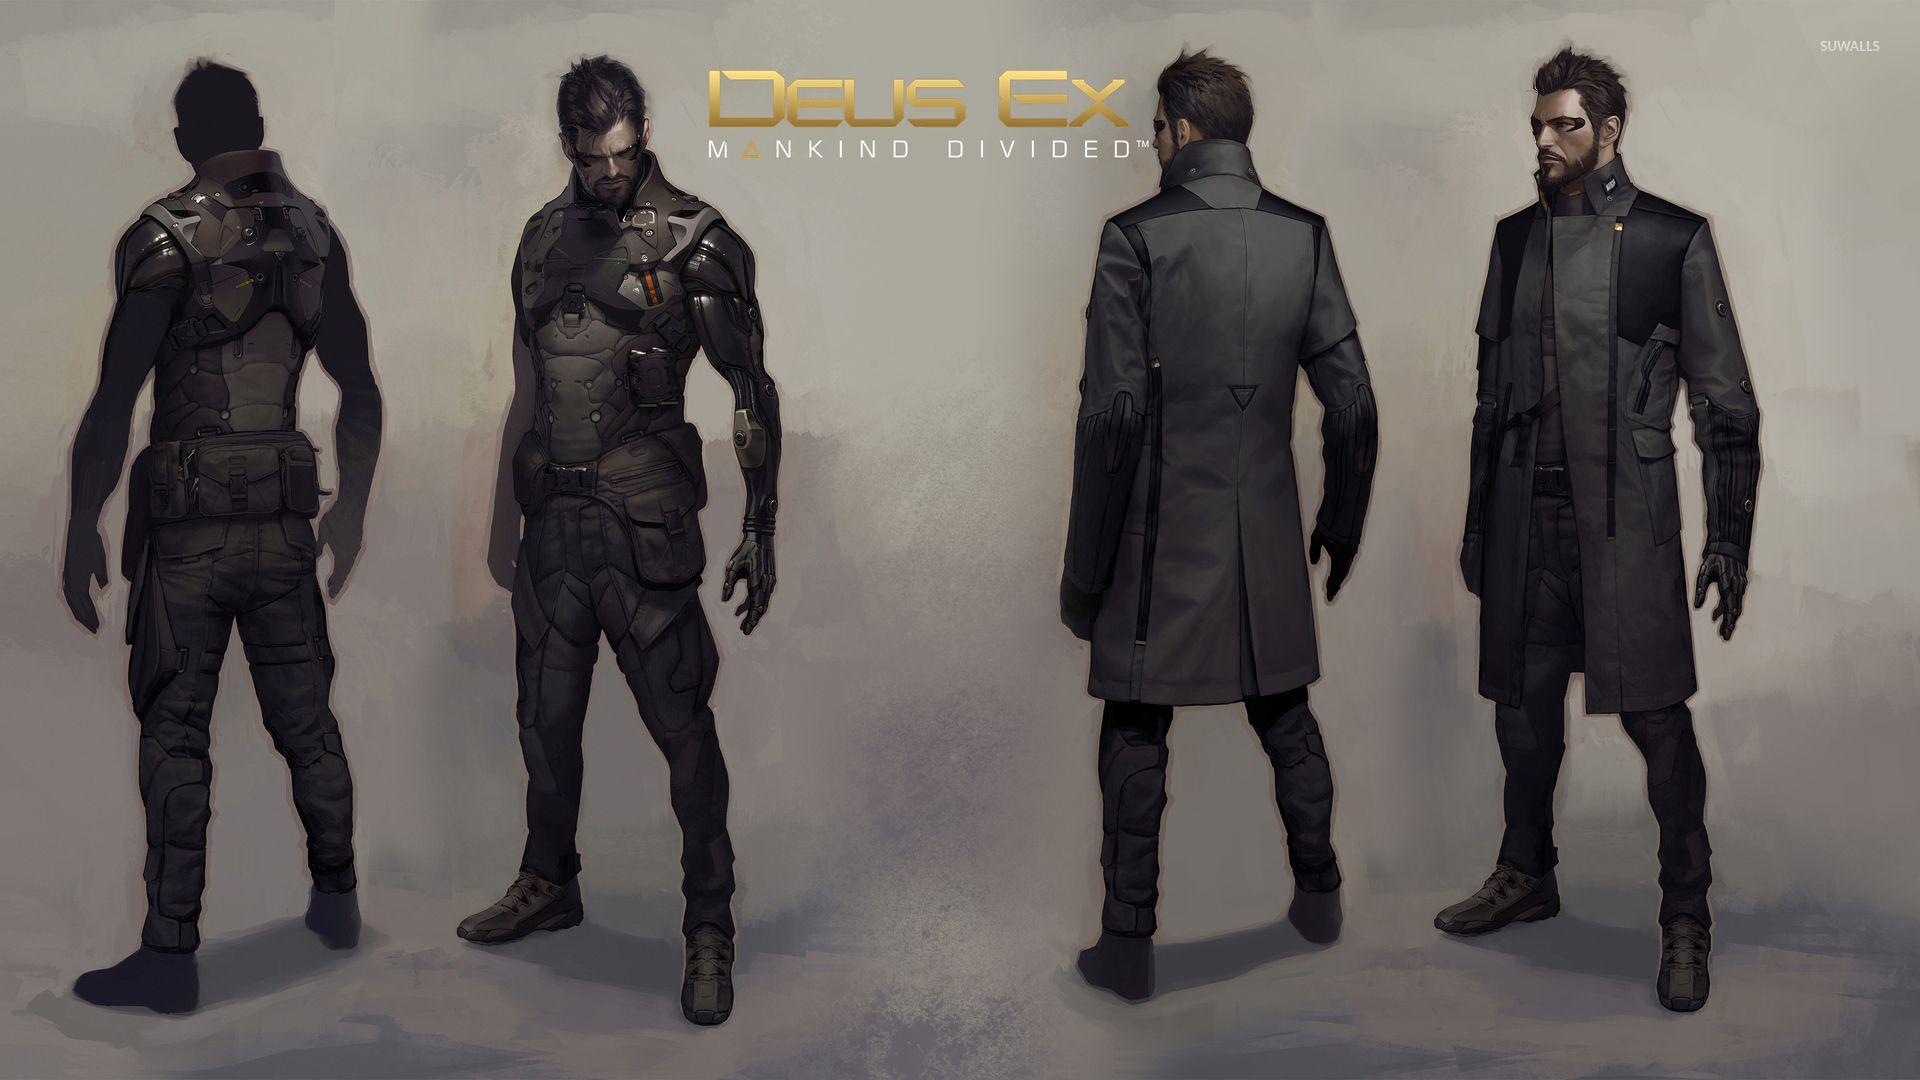 Adam Jensen Deus Ex Mankind Divided Wallpaper Deus Ex Mankind Divided Deus Ex Deus Ex Human